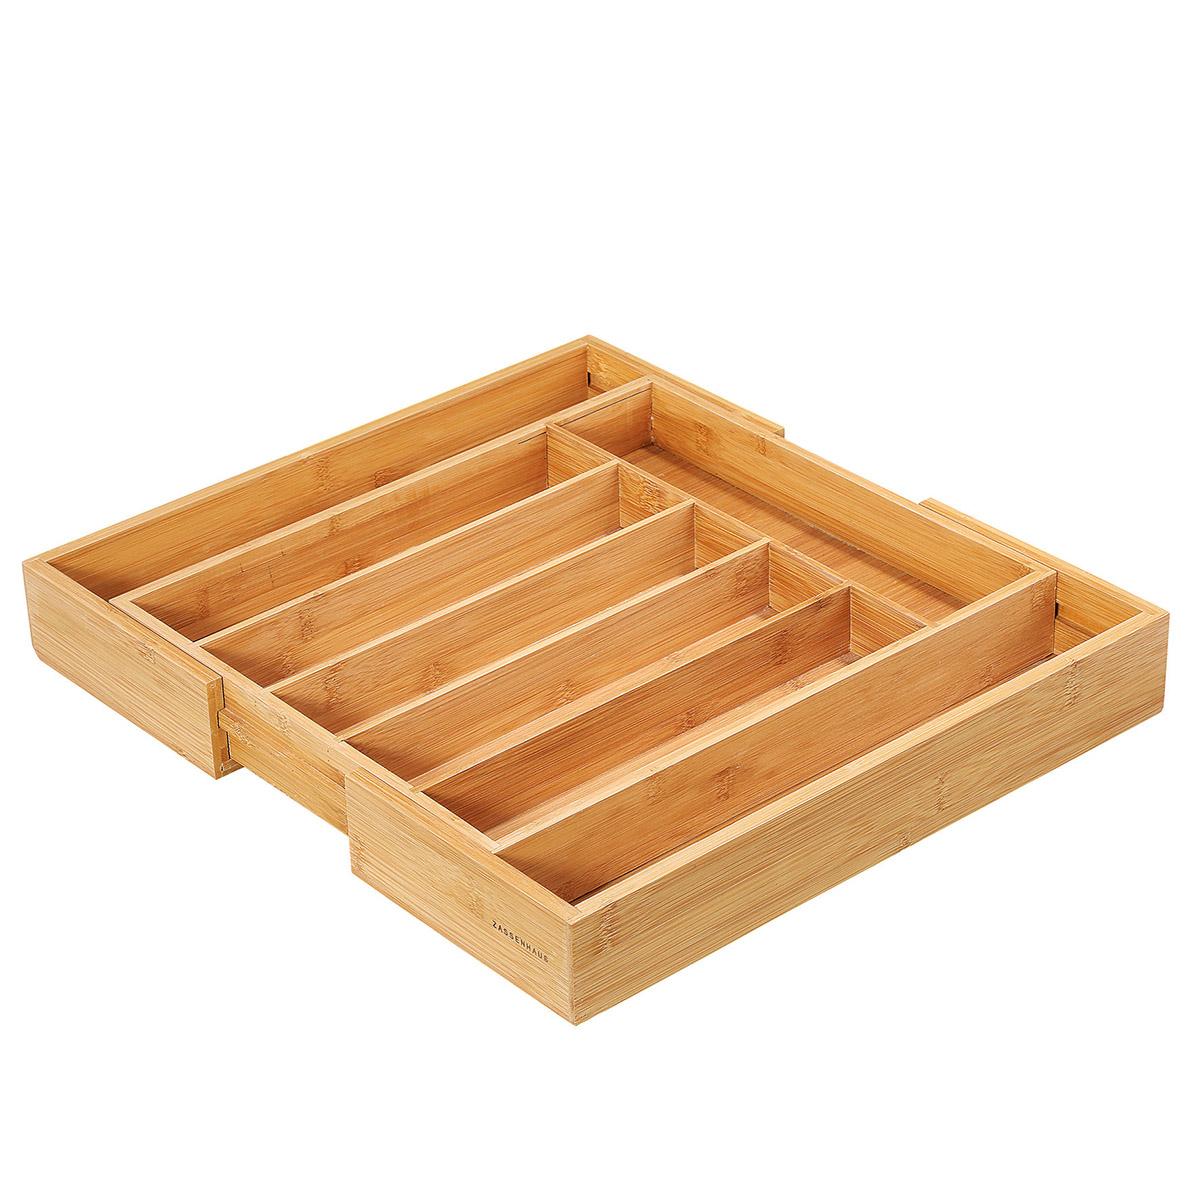 wkład na sztućce, rozsuwany, 34,5-47,5 x 40,5 x 6 cm, bambus